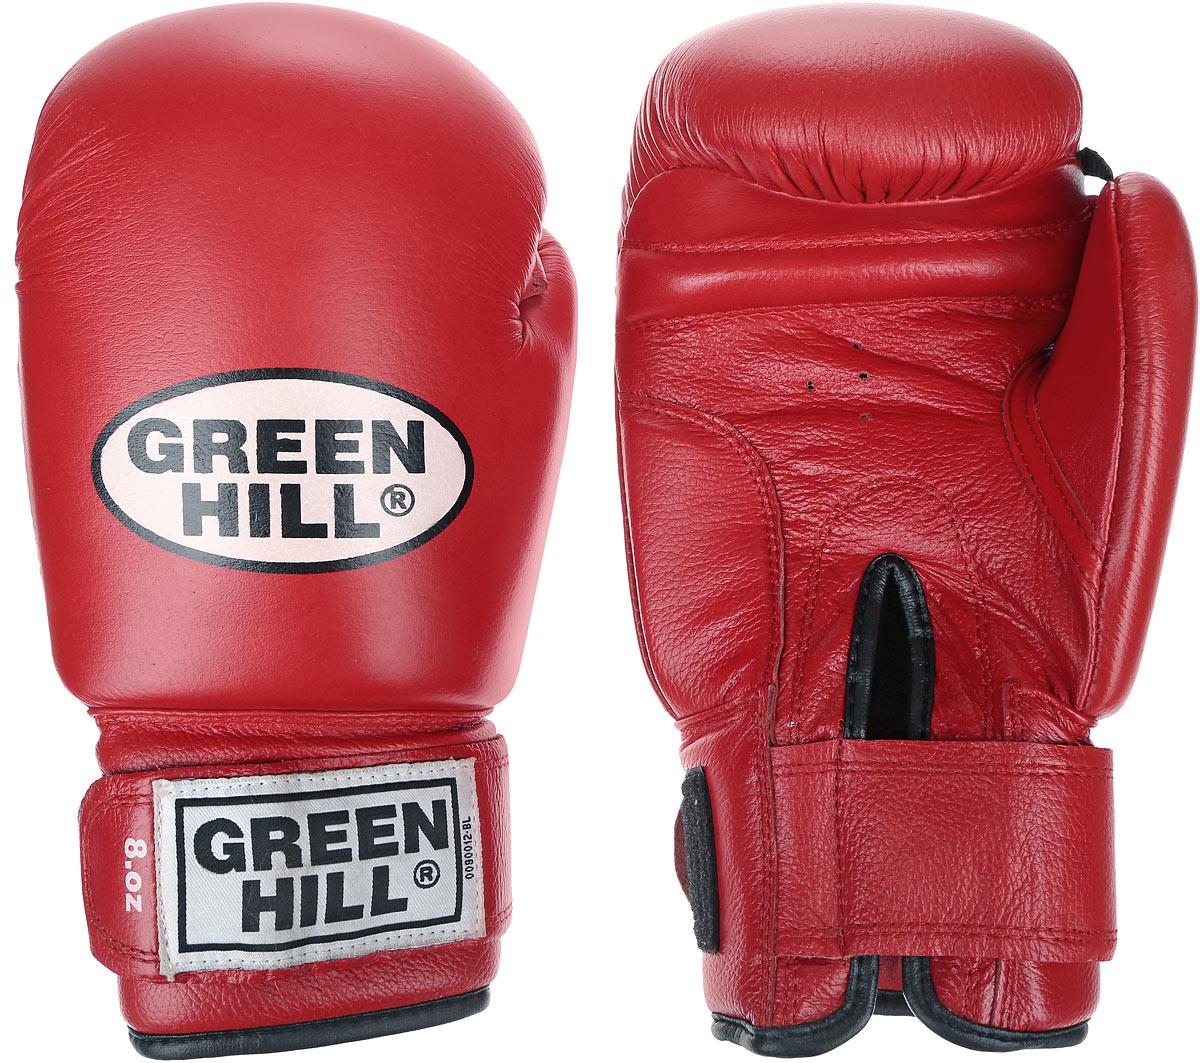 Перчатки боксерские Green Hill Tiger, цвет: красный, белый. Вес 8 унцийBGT-2010сБоевые боксерские перчатки Green Hill Tiger применяются как для соревнований, так и для тренировок. Верх выполнен из натуральной кожи, вкладыш - предварительно сформированный пенополиуретан. Манжет на липучке способствует быстрому и удобному надеванию перчаток, плотно фиксирует перчатки на руке. Отверстия в области ладони позволяет создать максимально комфортный терморежим во время занятий. В перчатках применяется технология антинокаут.